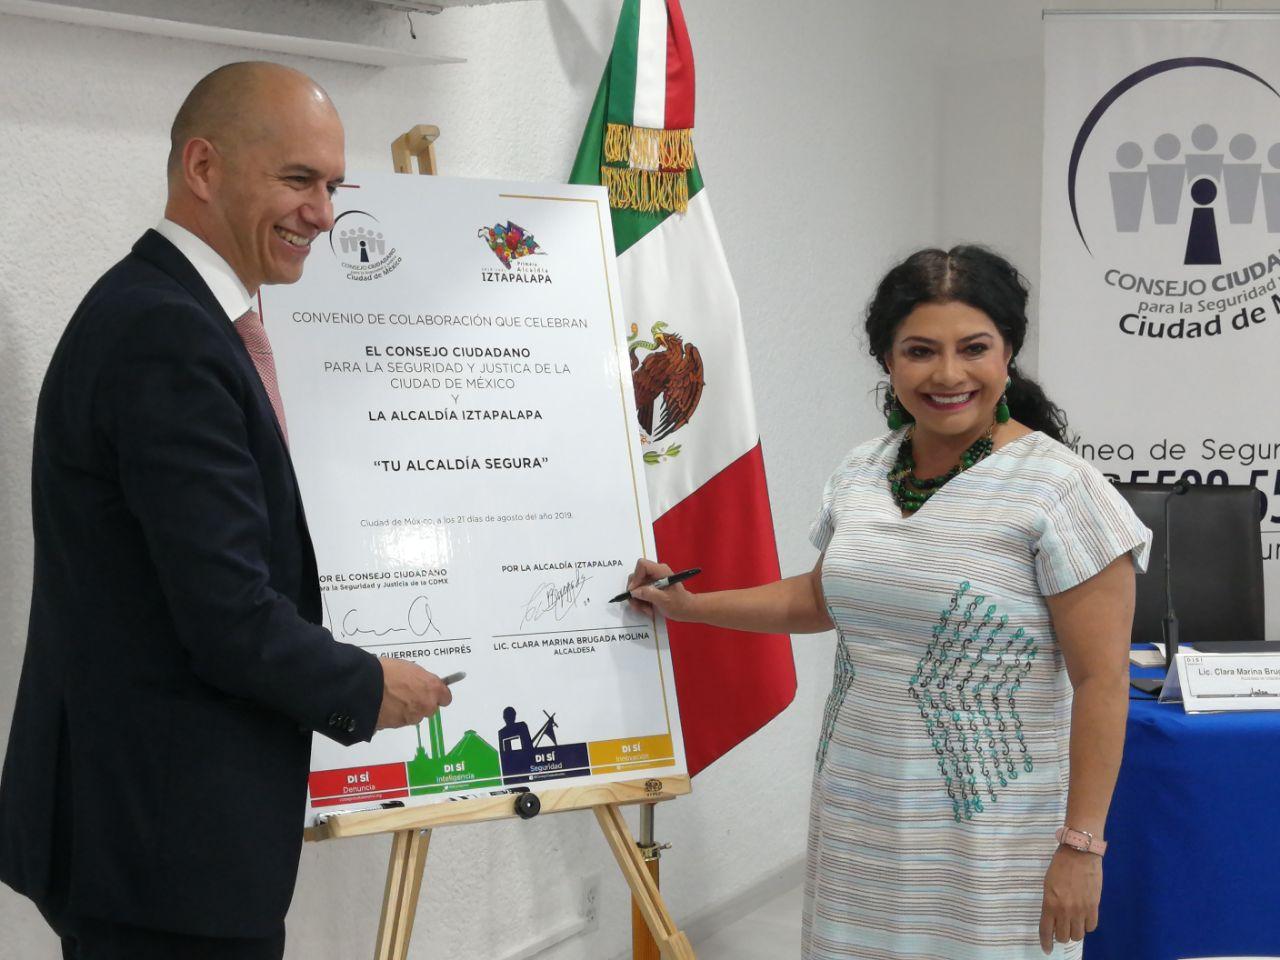 Acuerdan Alcaldía Iztapalapa y Consejo Ciudadano colaborar para fortalecer tendencia a la baja de índices delictivos